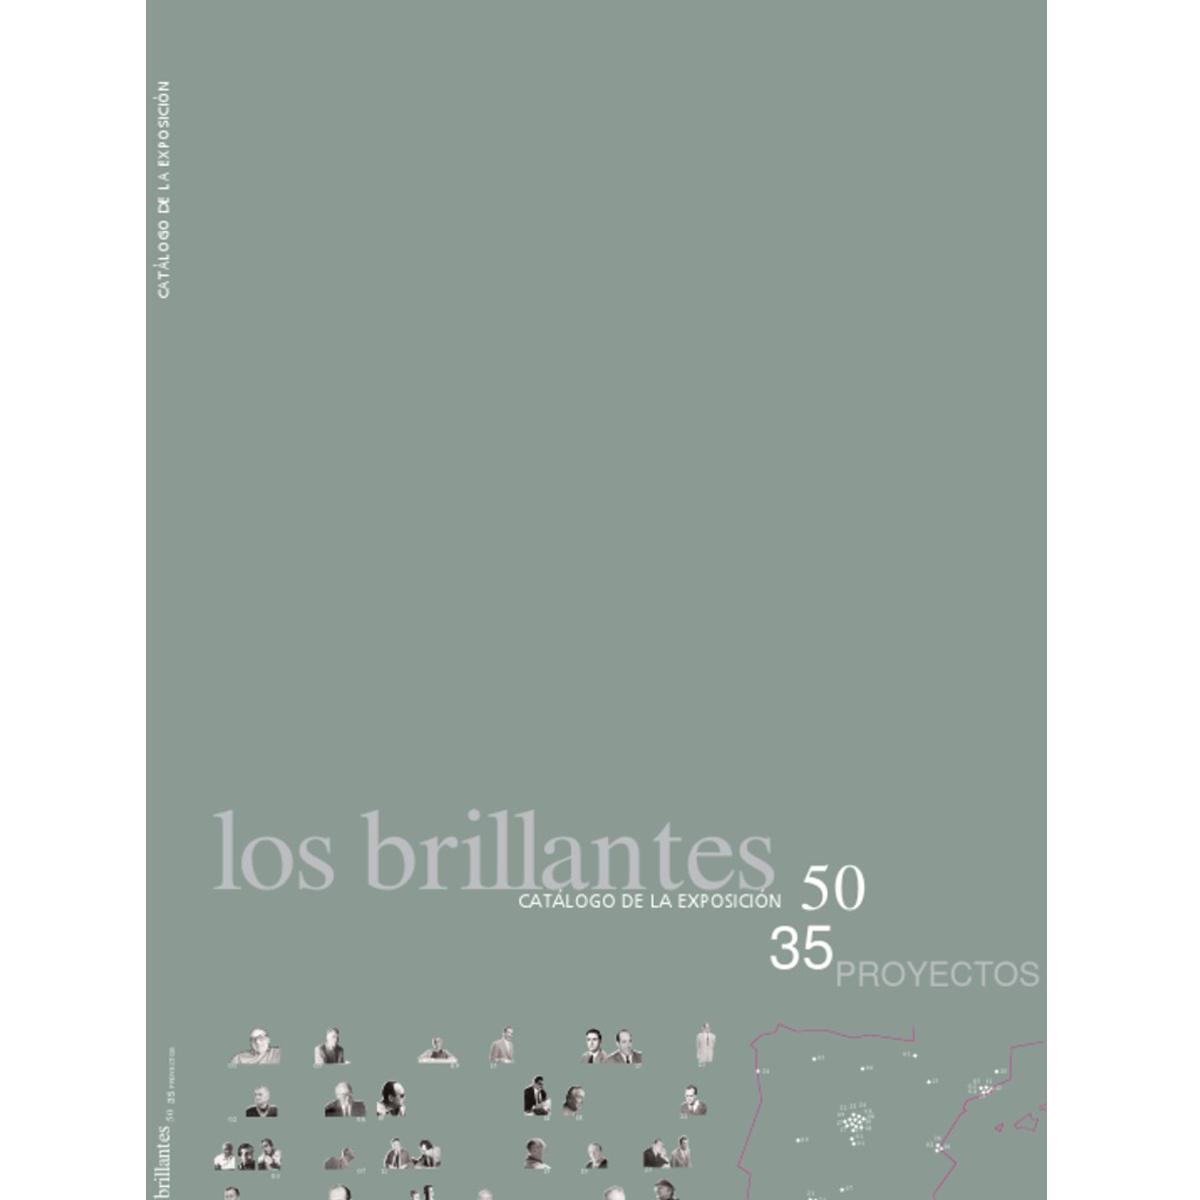 Los brillantes 50